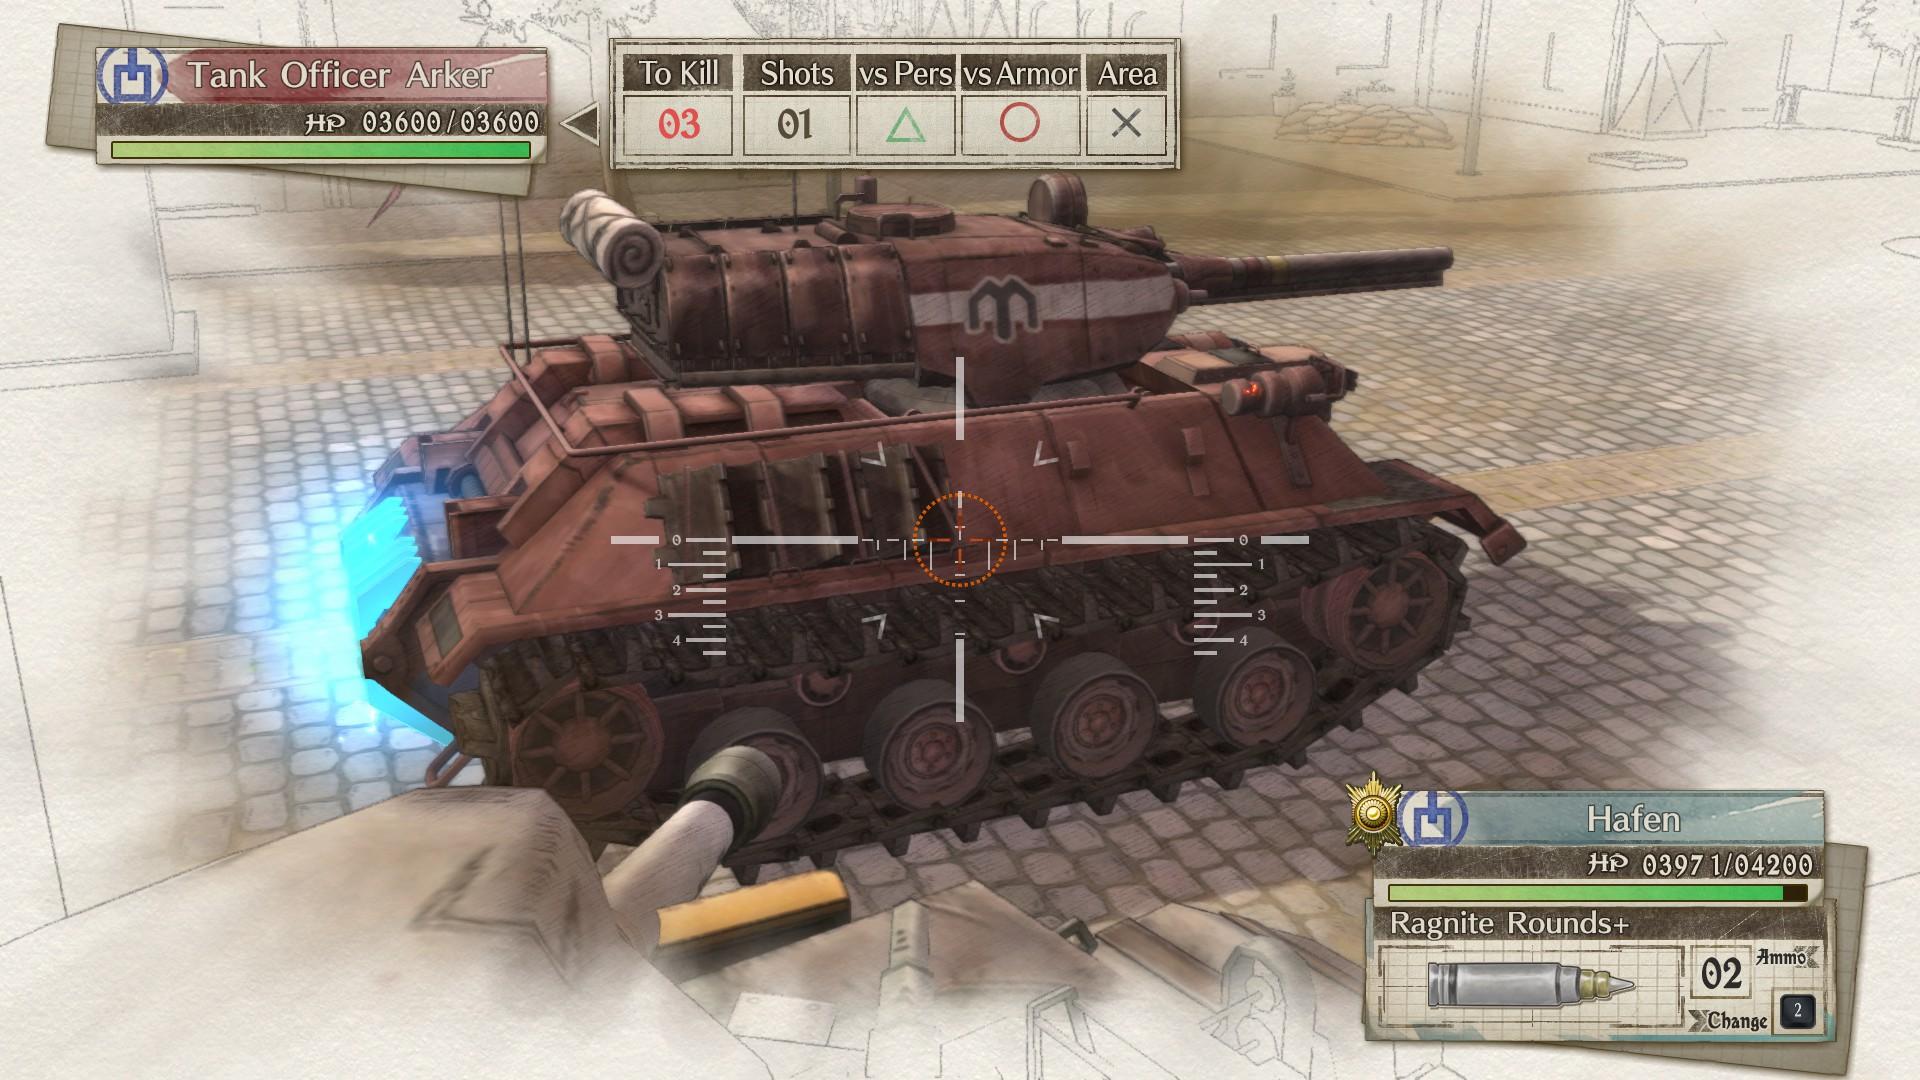 Tank Officer Arker